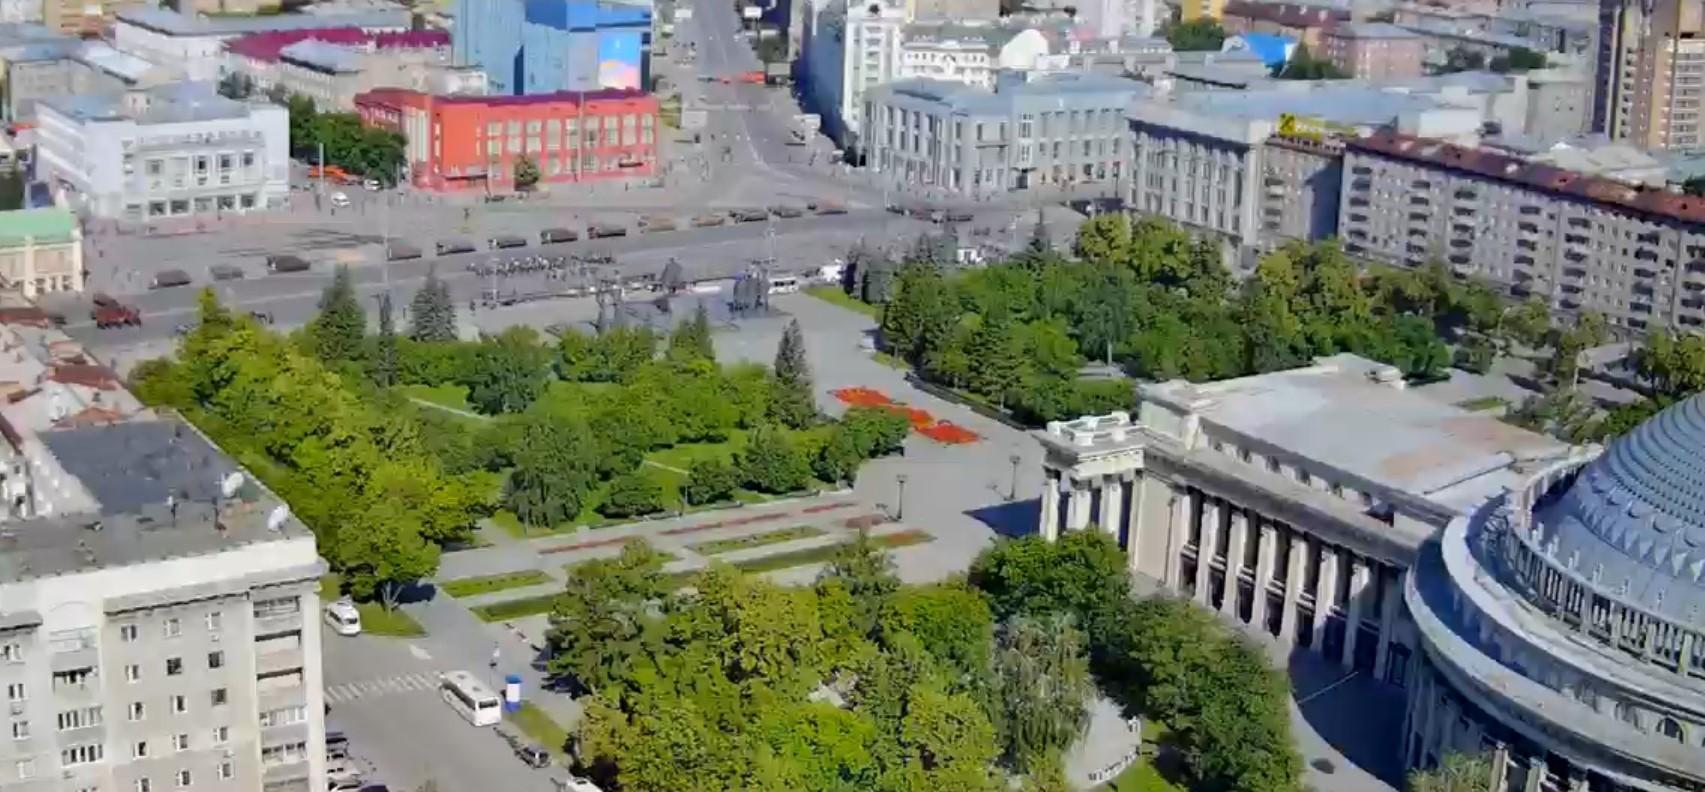 фото В Новосибирске началась репетиция парада Победы 7